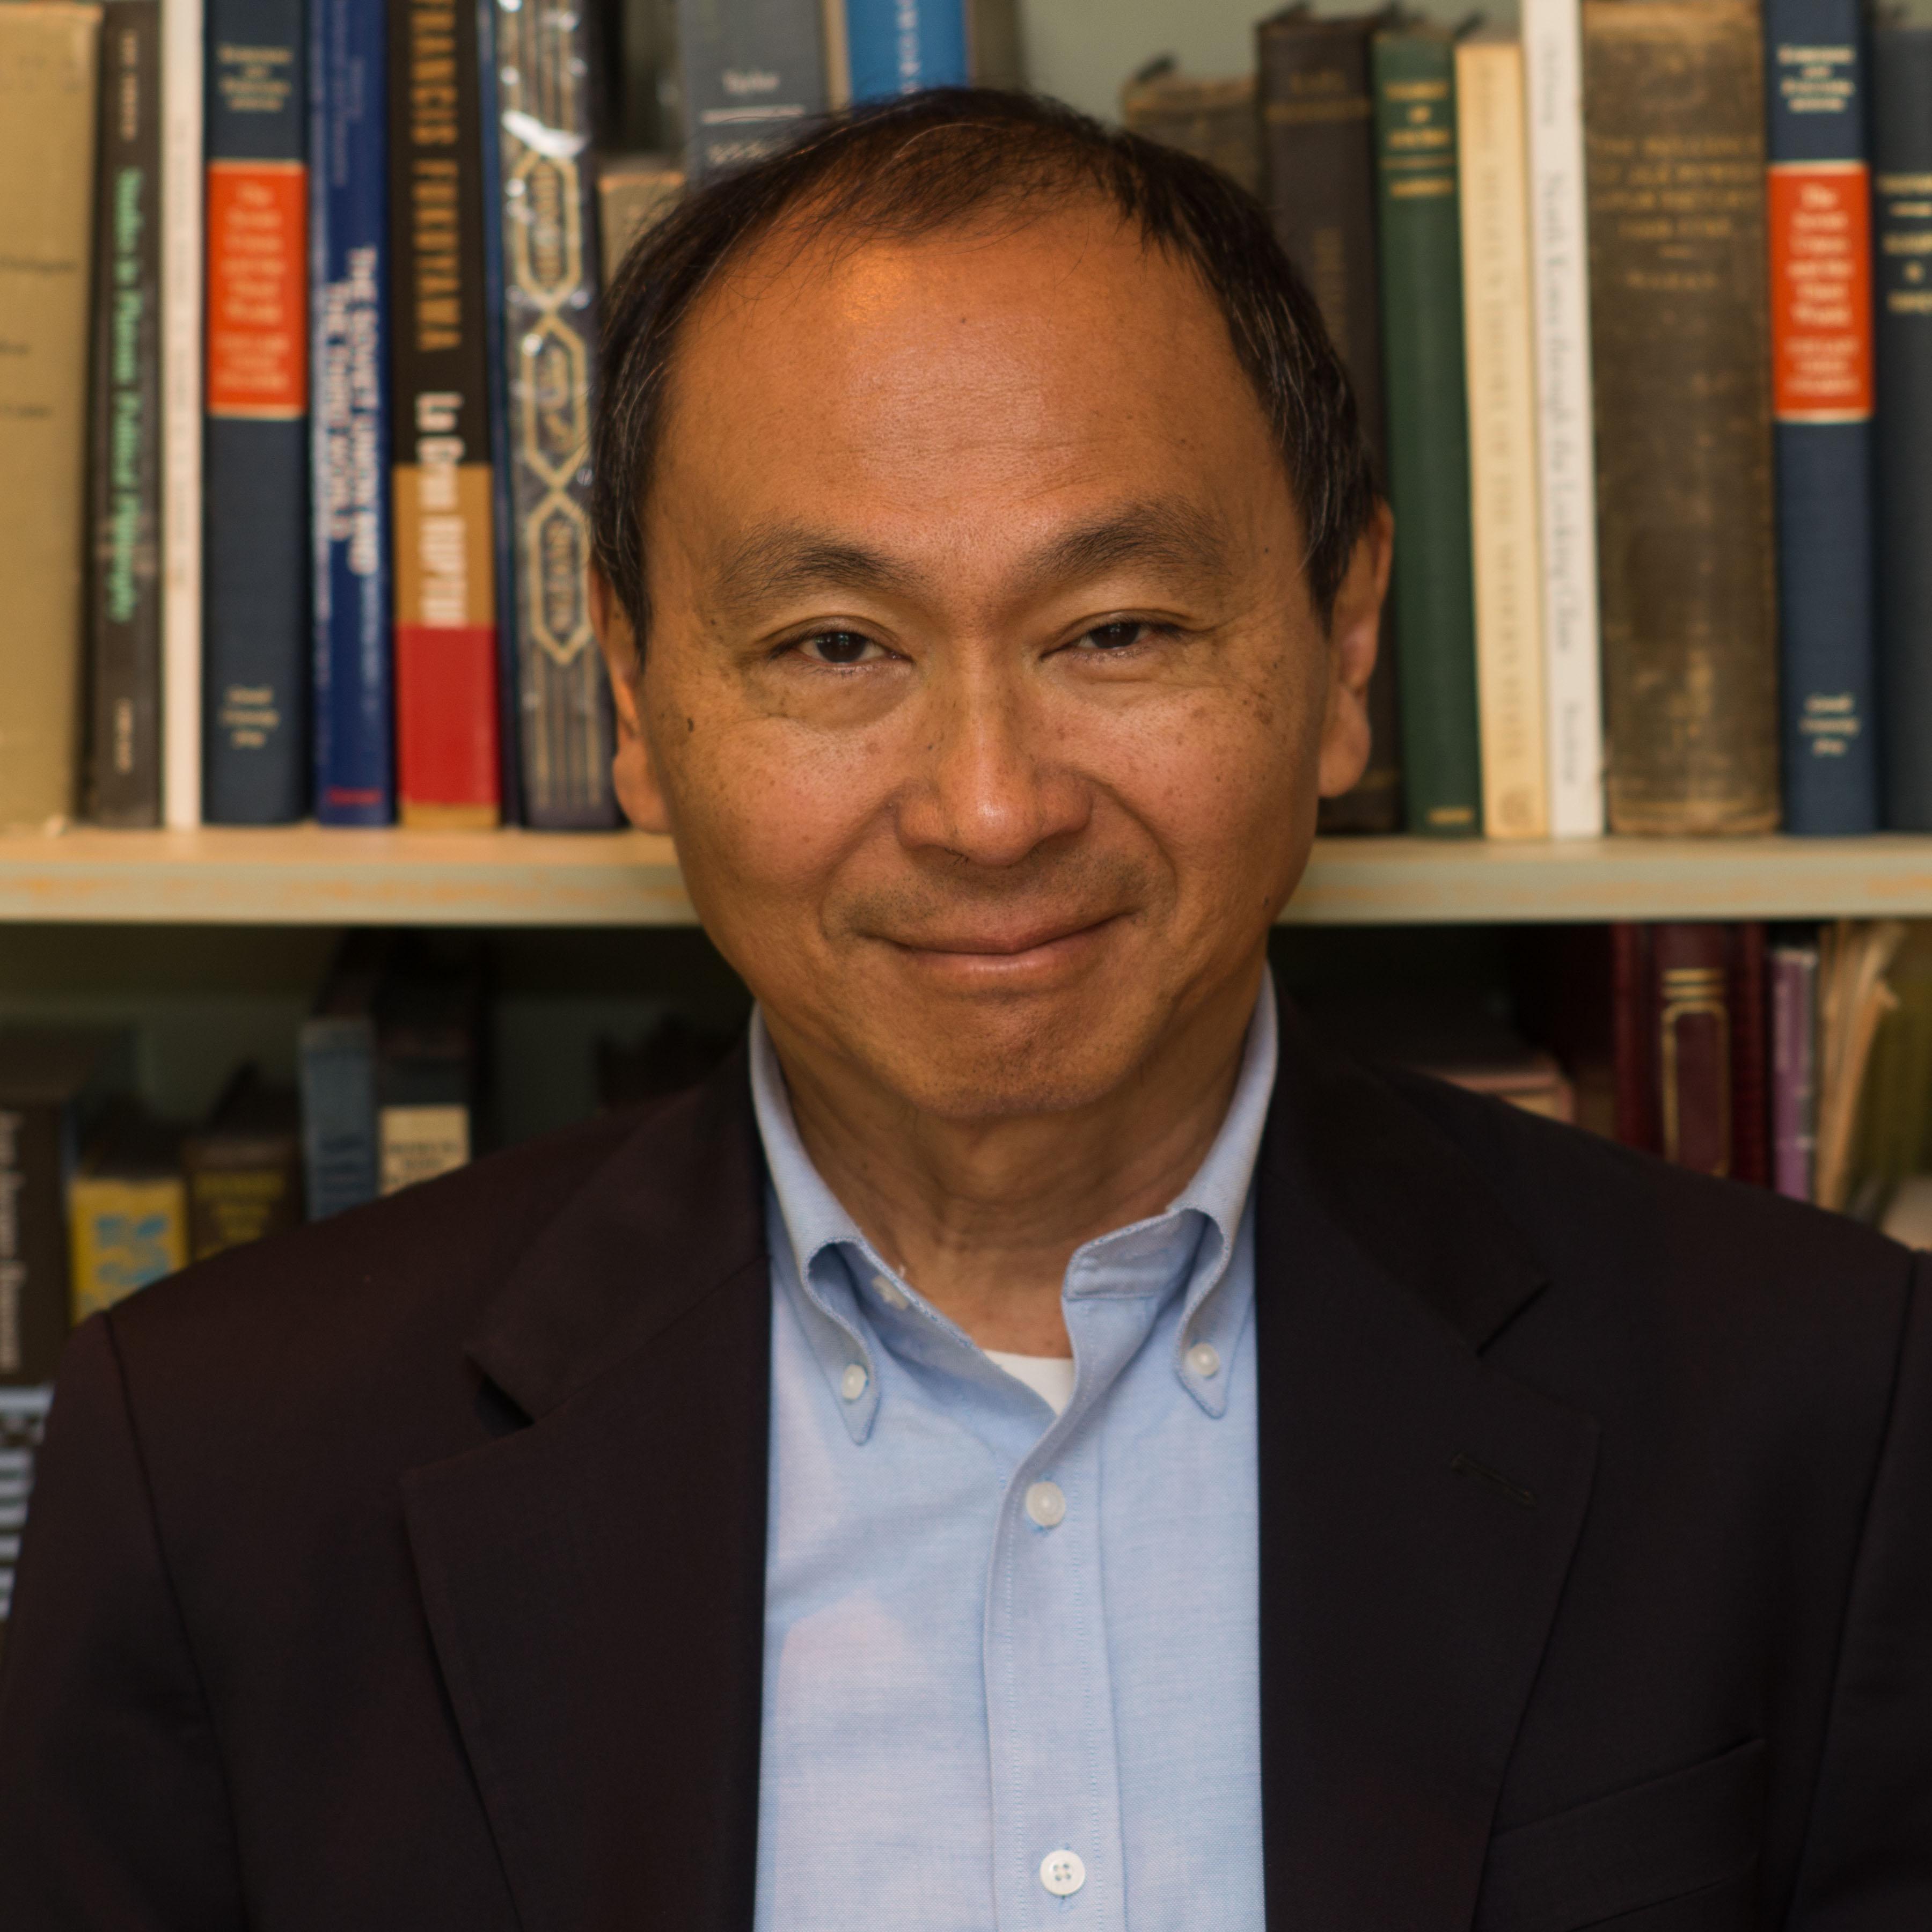 Francis Fukuyama: biography, photos and interesting facts 38